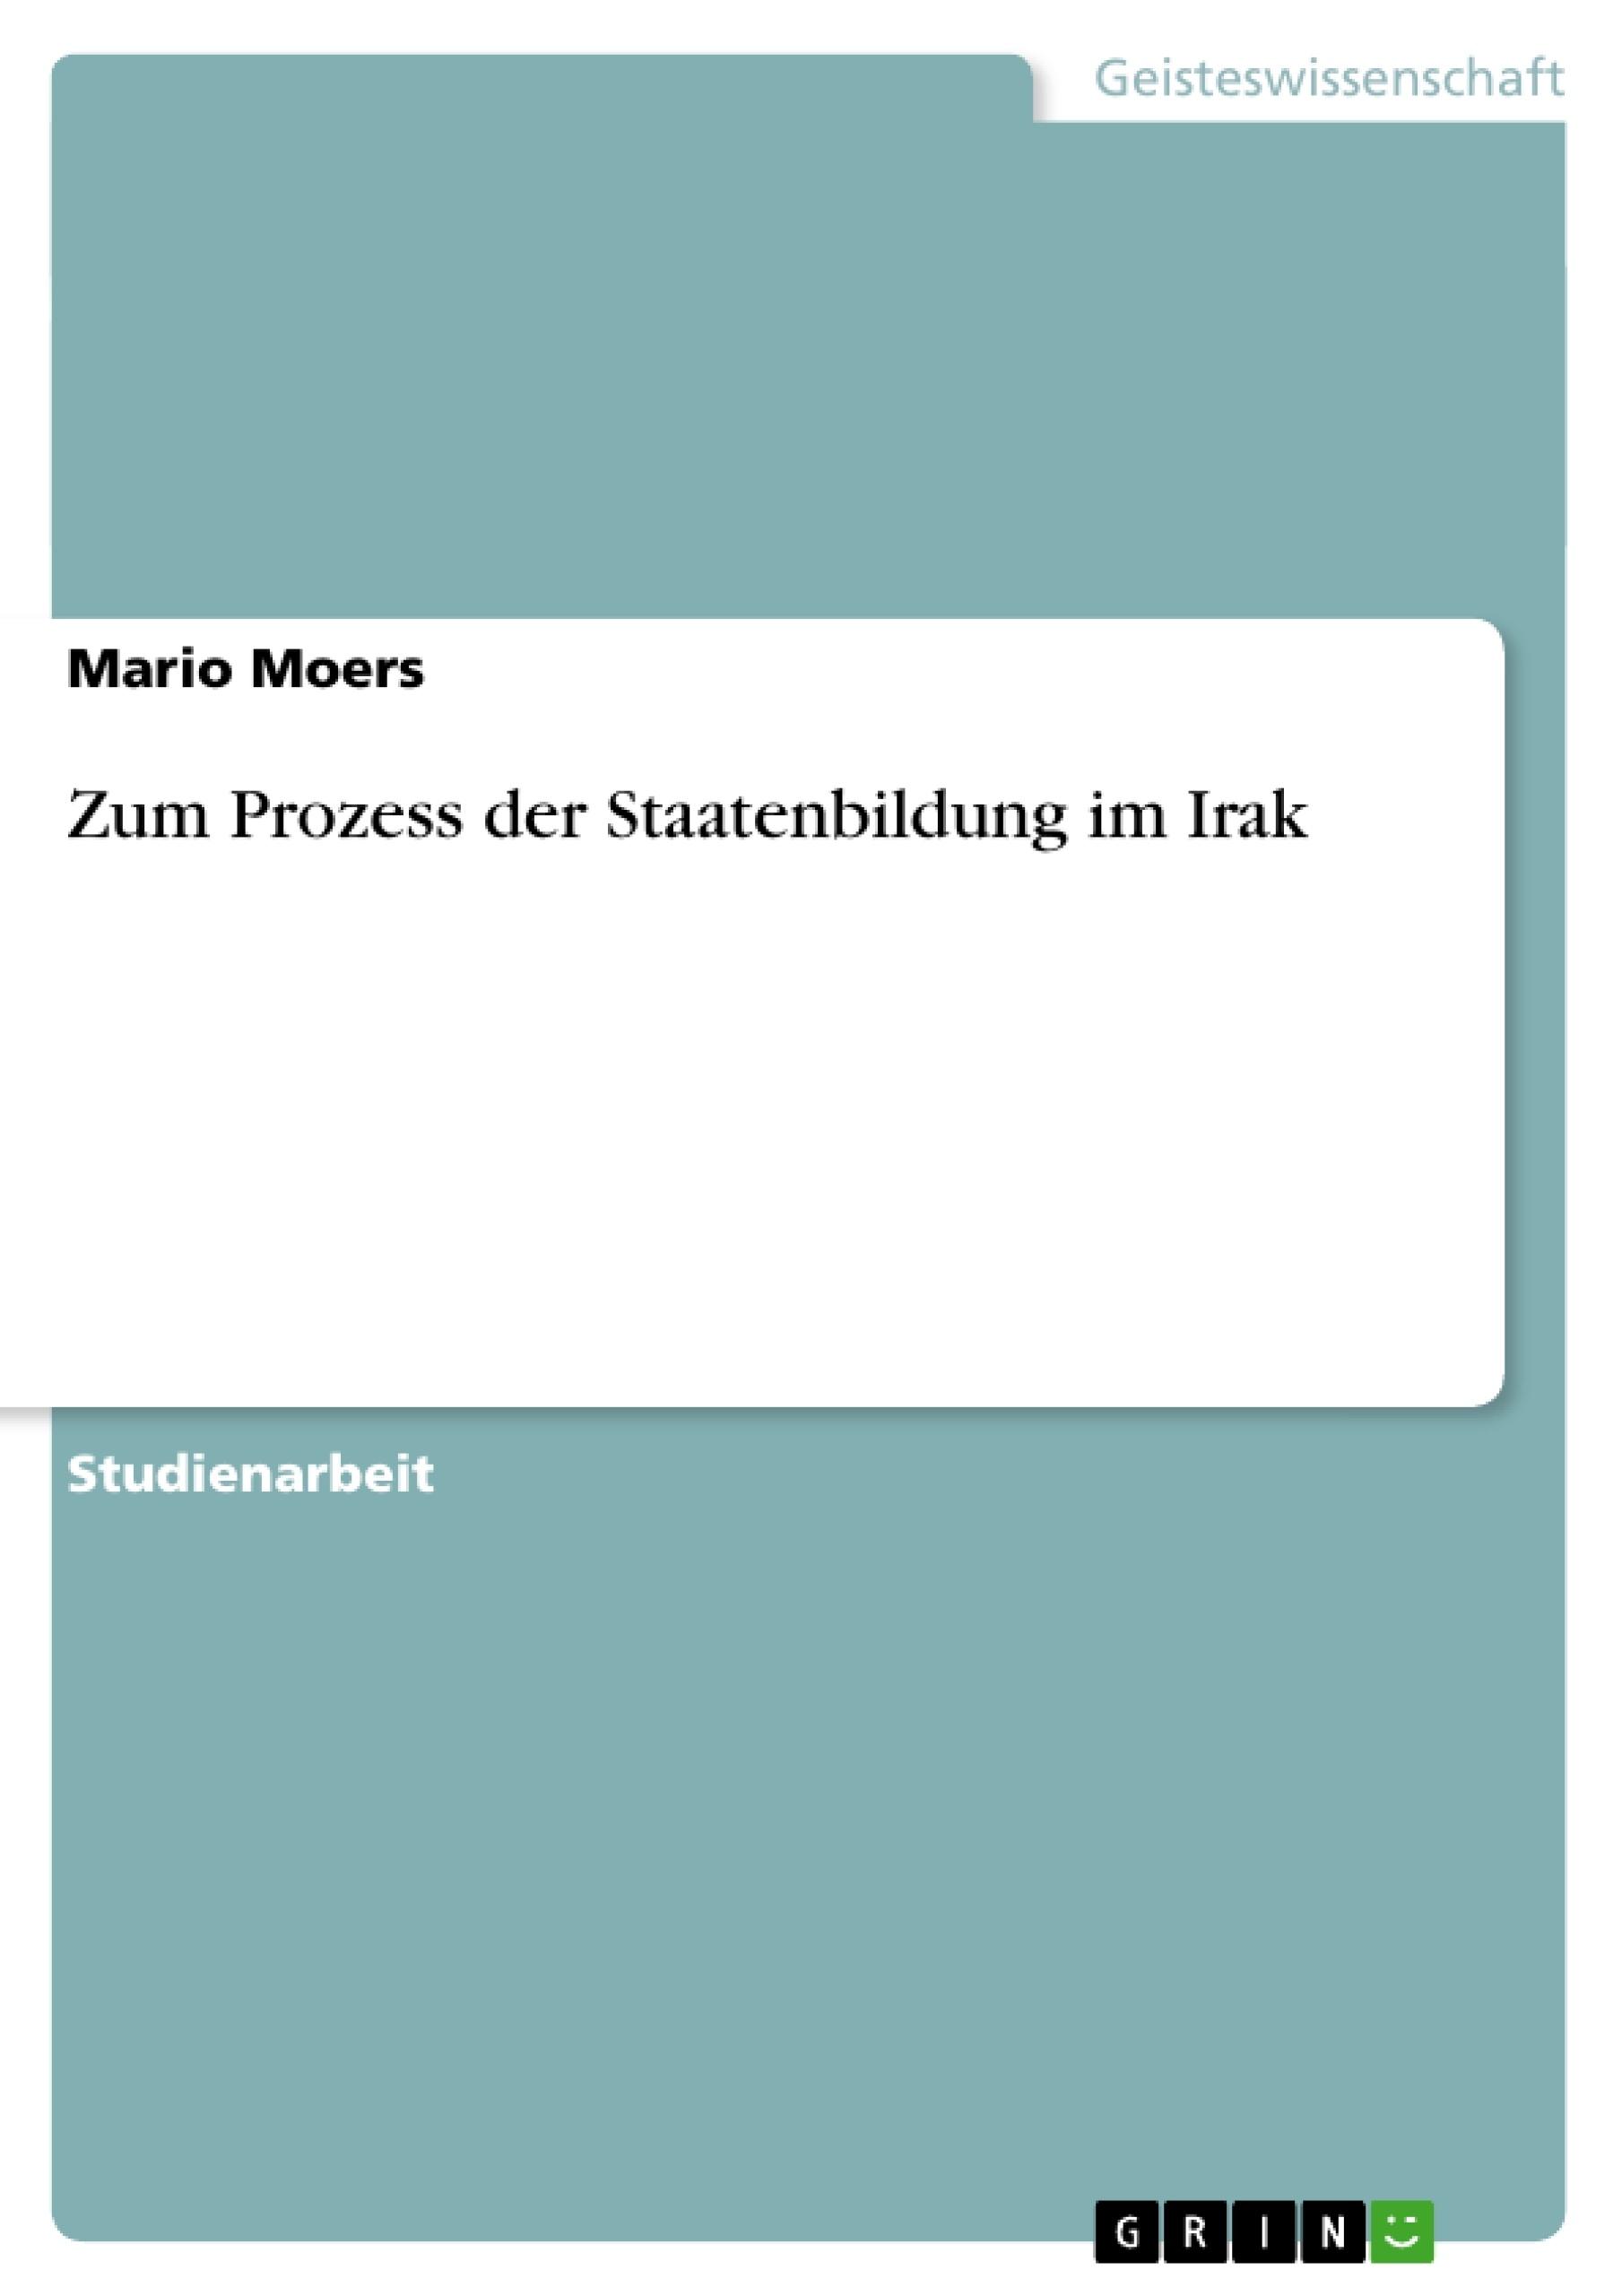 Titel: Zum Prozess der Staatenbildung im Irak